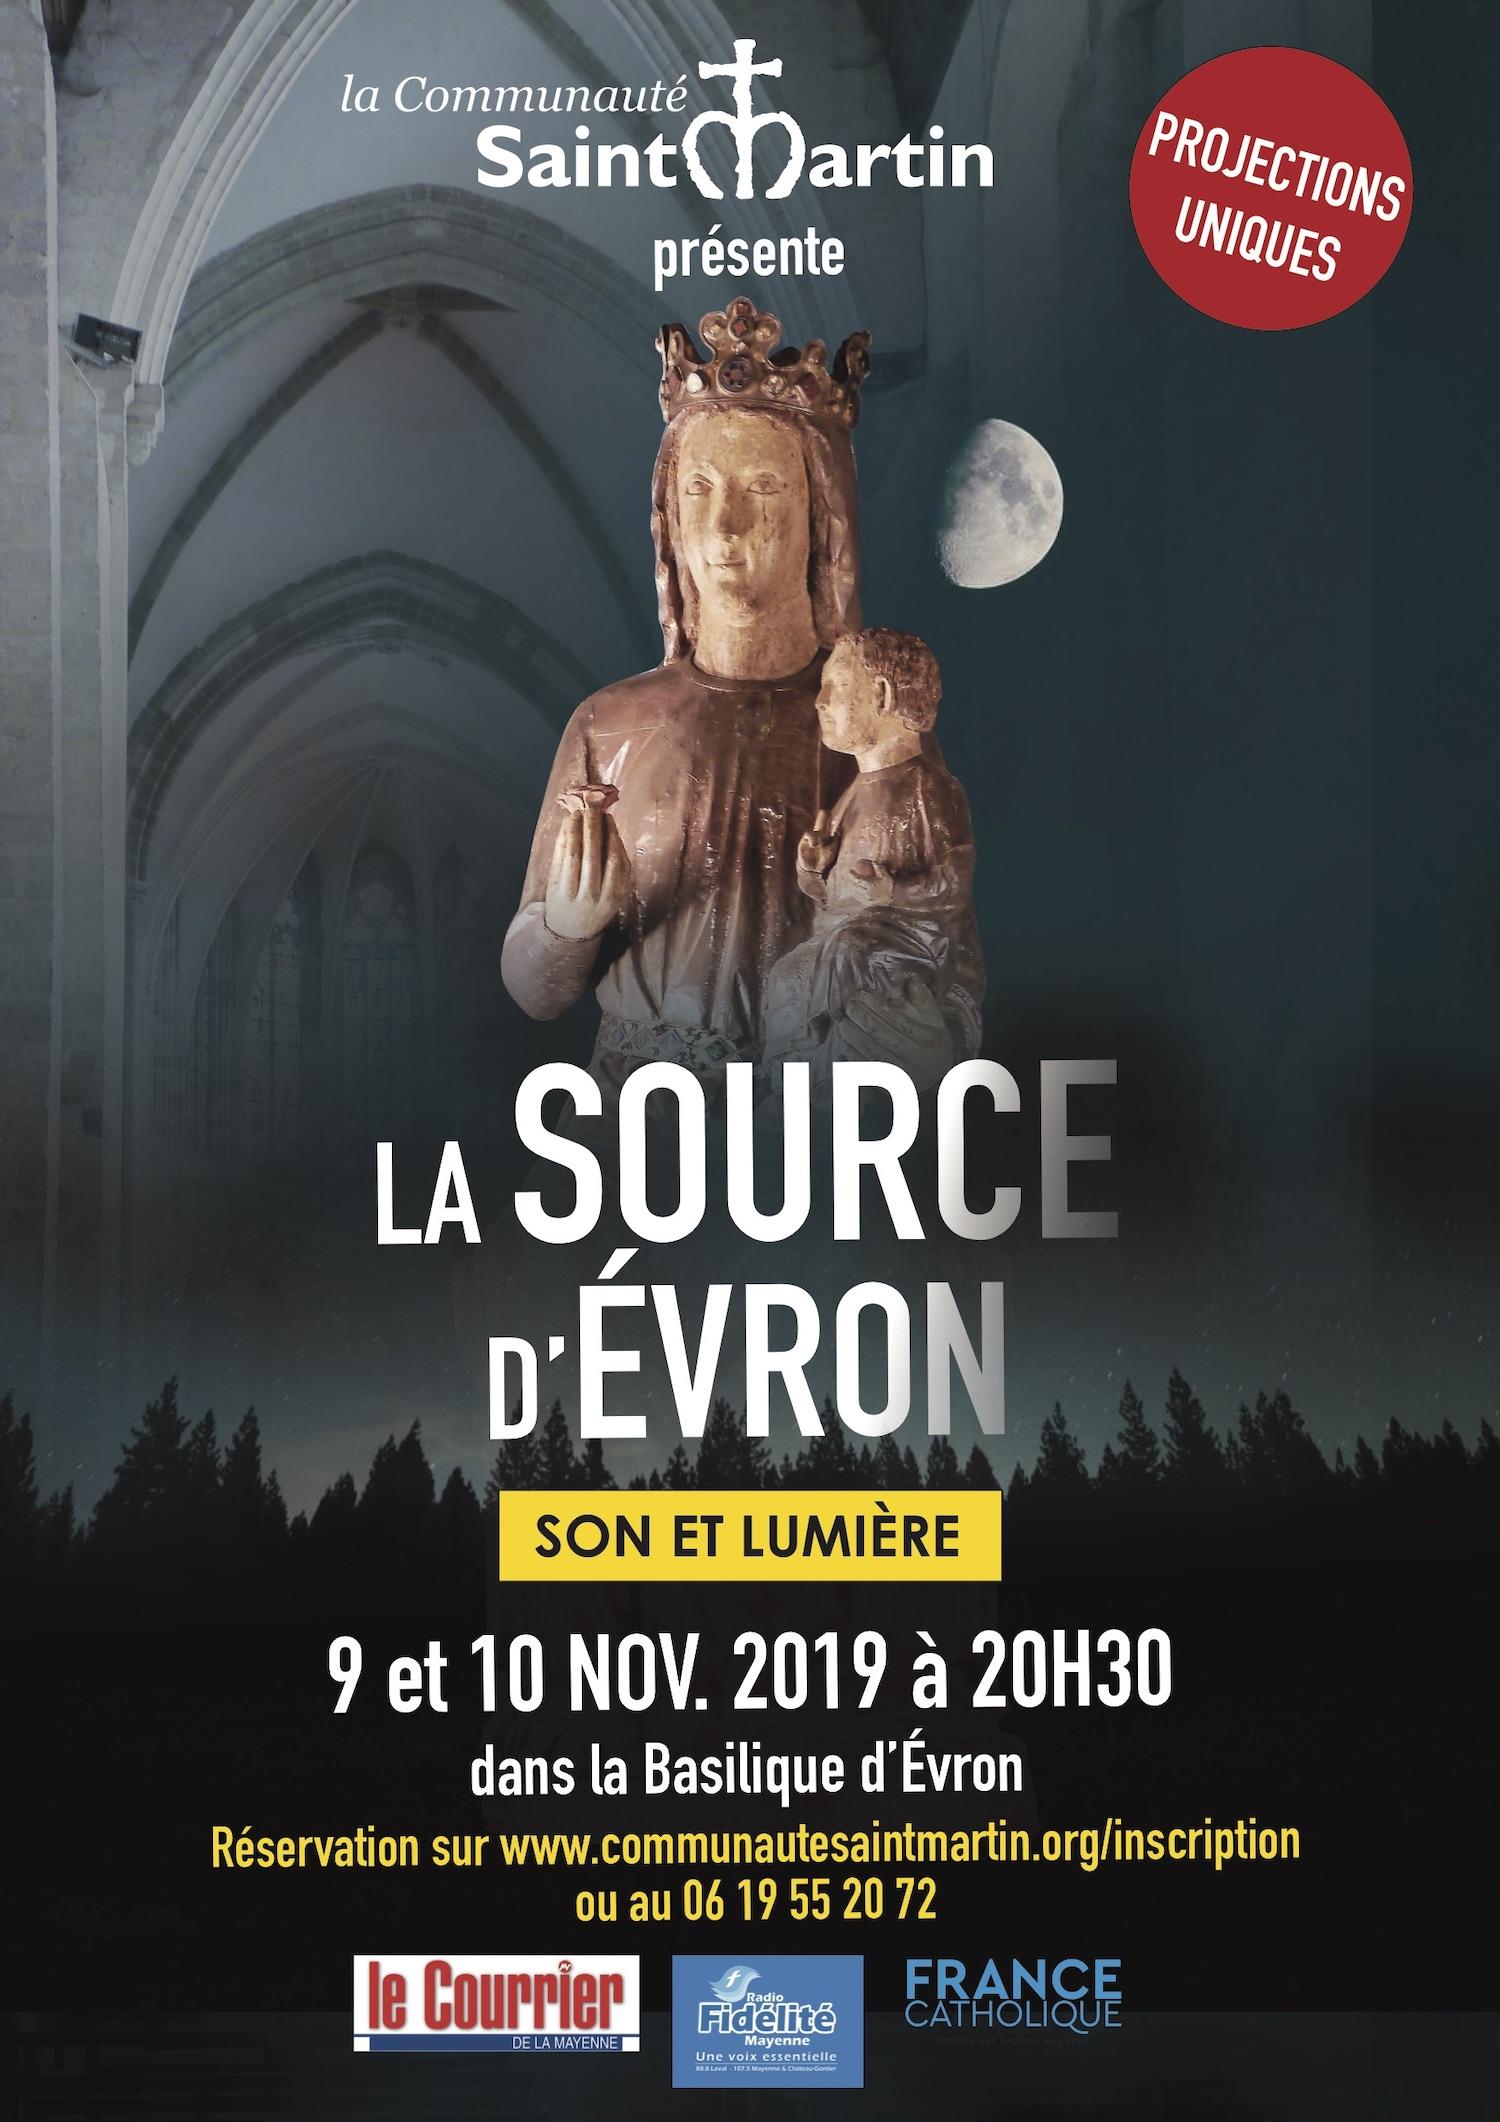 spectacle son et lumière novembre 2019